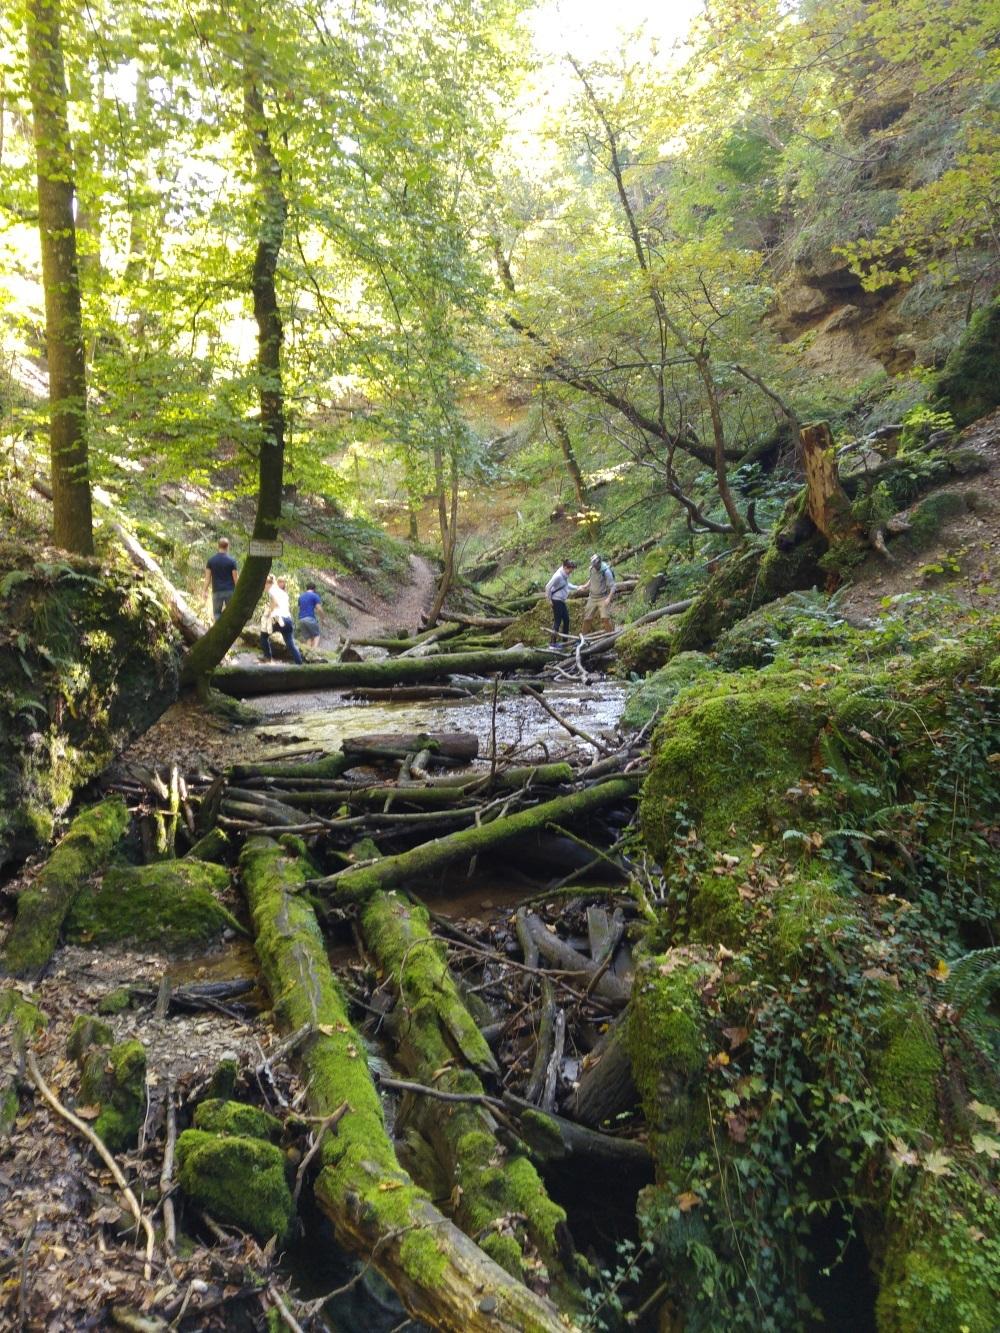 Über herumliegende Steine und Bäume balancieren wir mal wieder auf die andere Seite des Baches